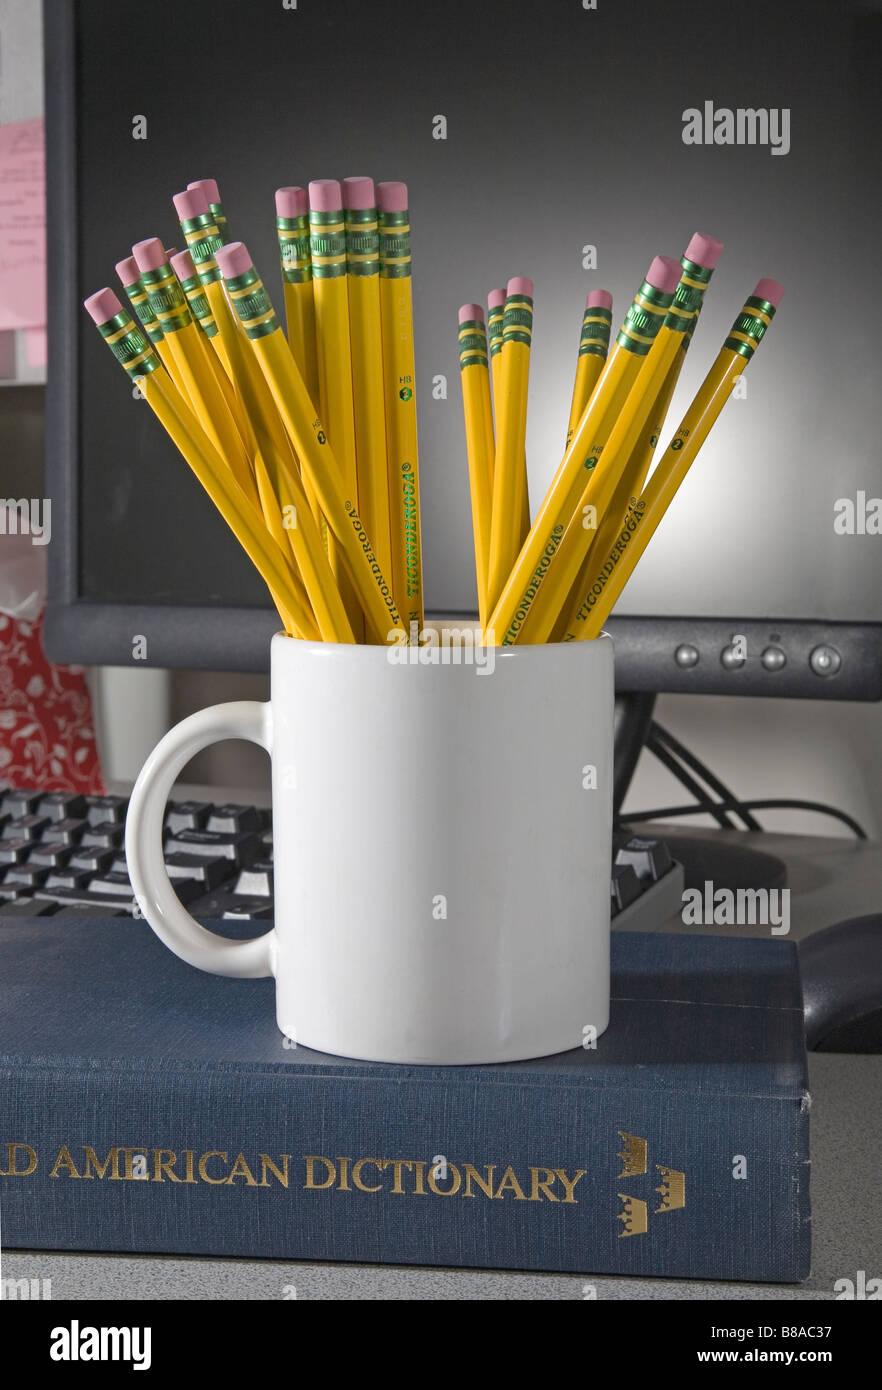 Un vaso o taza de Ticonderoga número 2 derivaciones o lápices de grafito y borradores en frente de una Imagen De Stock